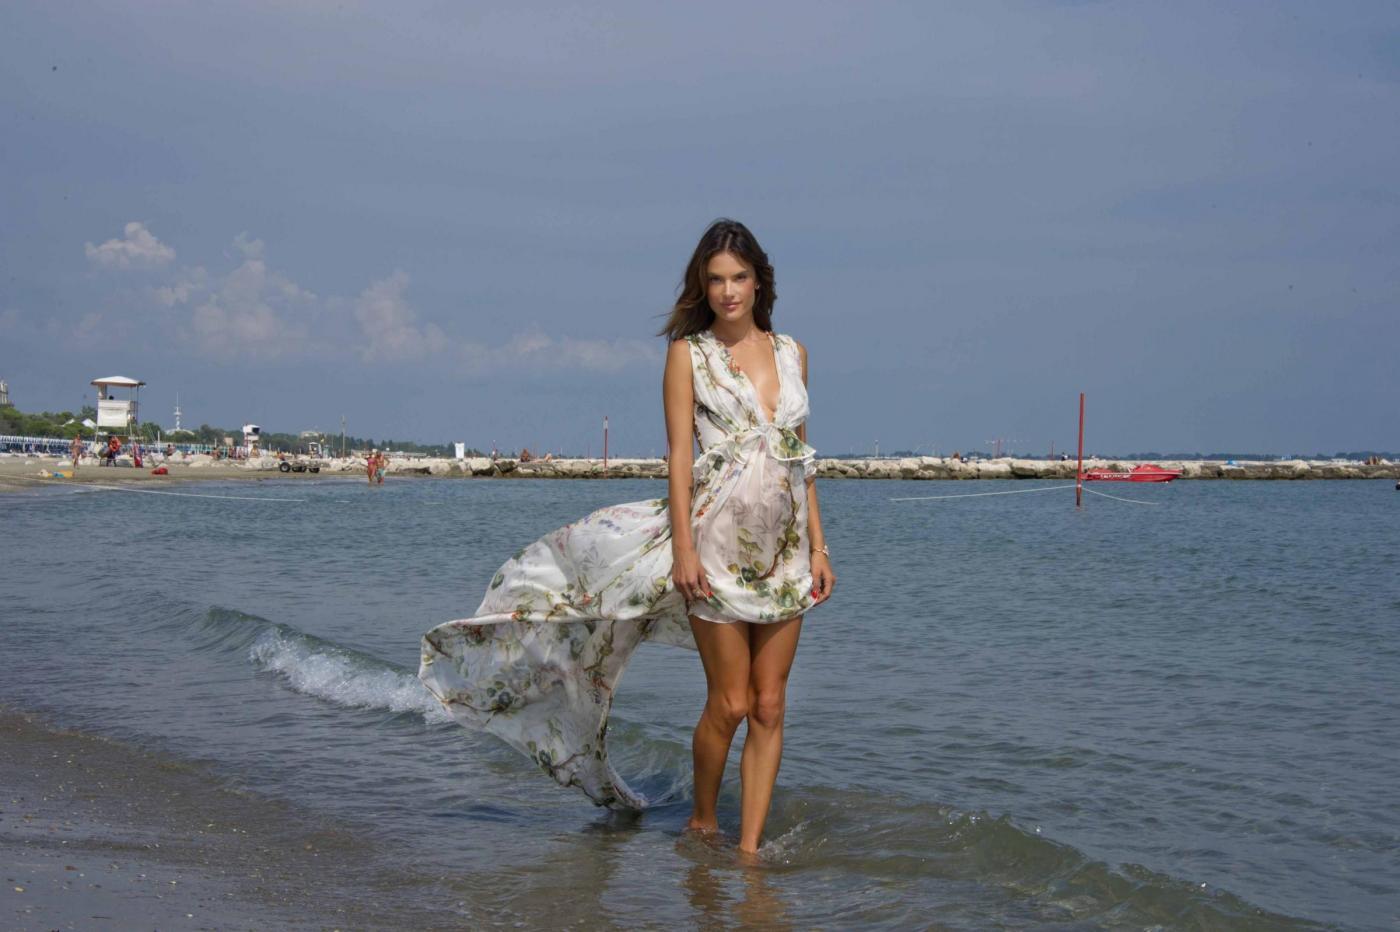 Alessandra Ambrosio a Venezia con abito bianco floreale2